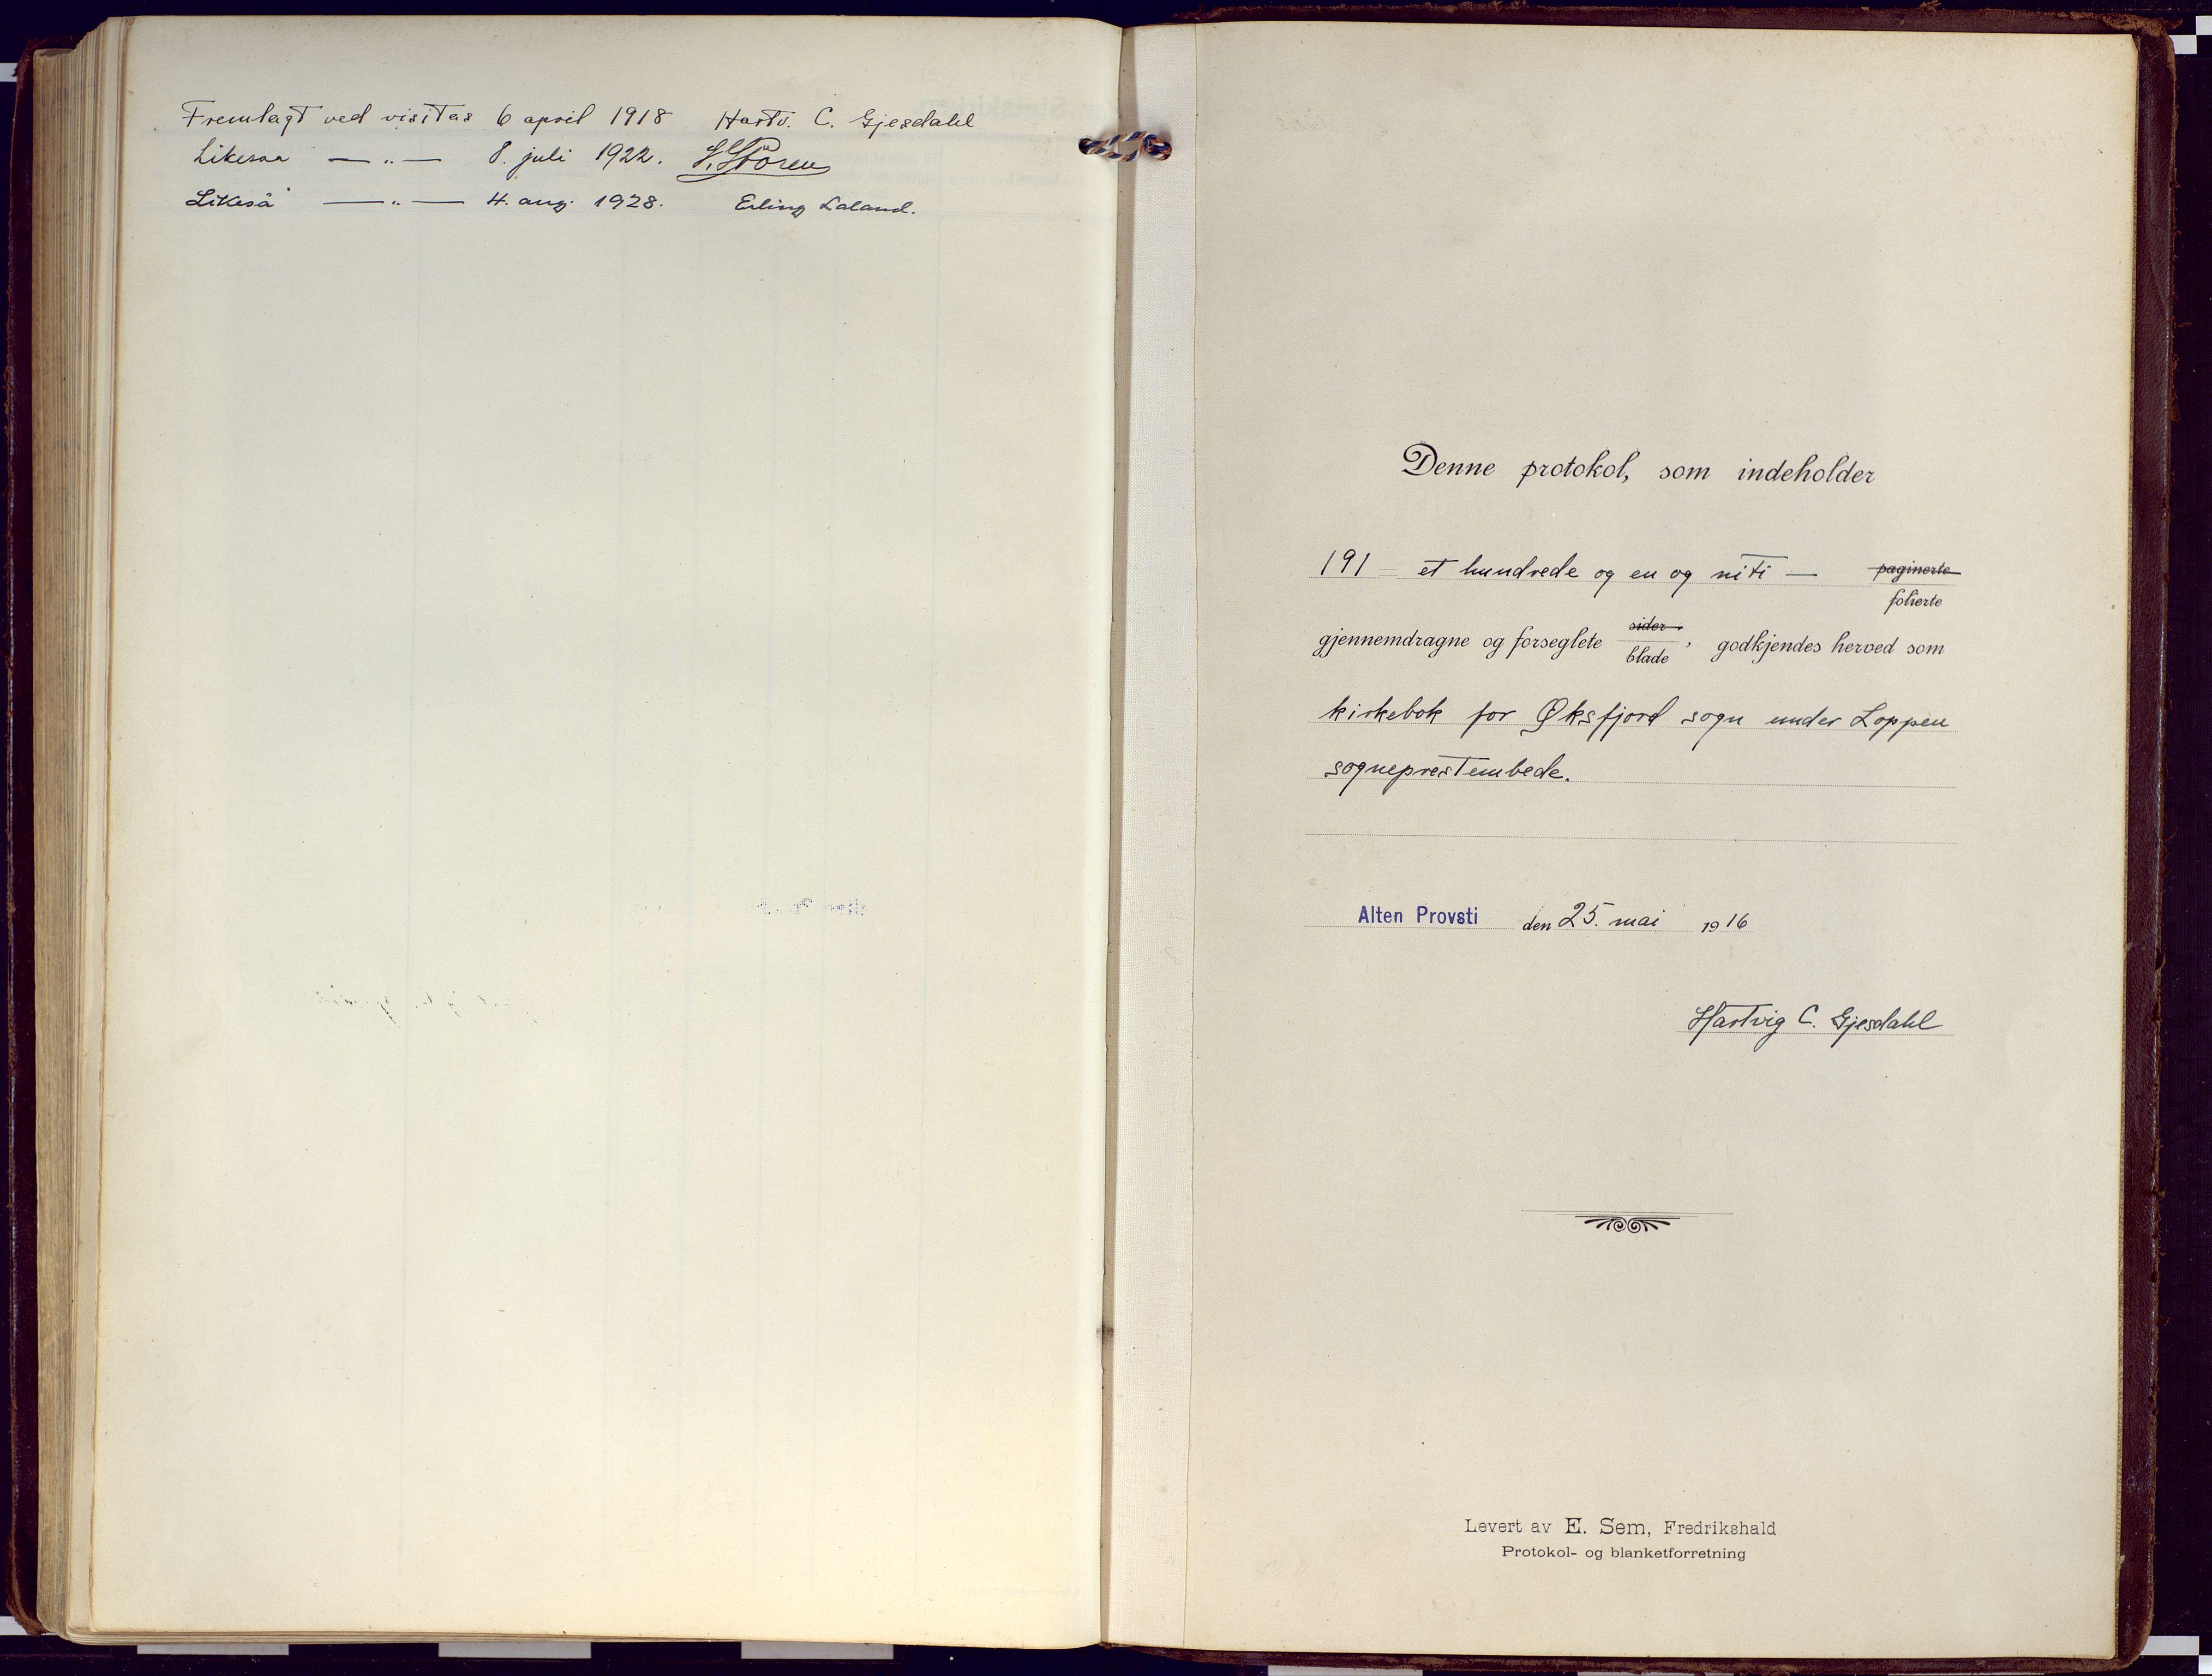 SATØ, Loppa sokneprestkontor, H/Ha/L0012kirke: Ministerialbok nr. 12, 1917-1932